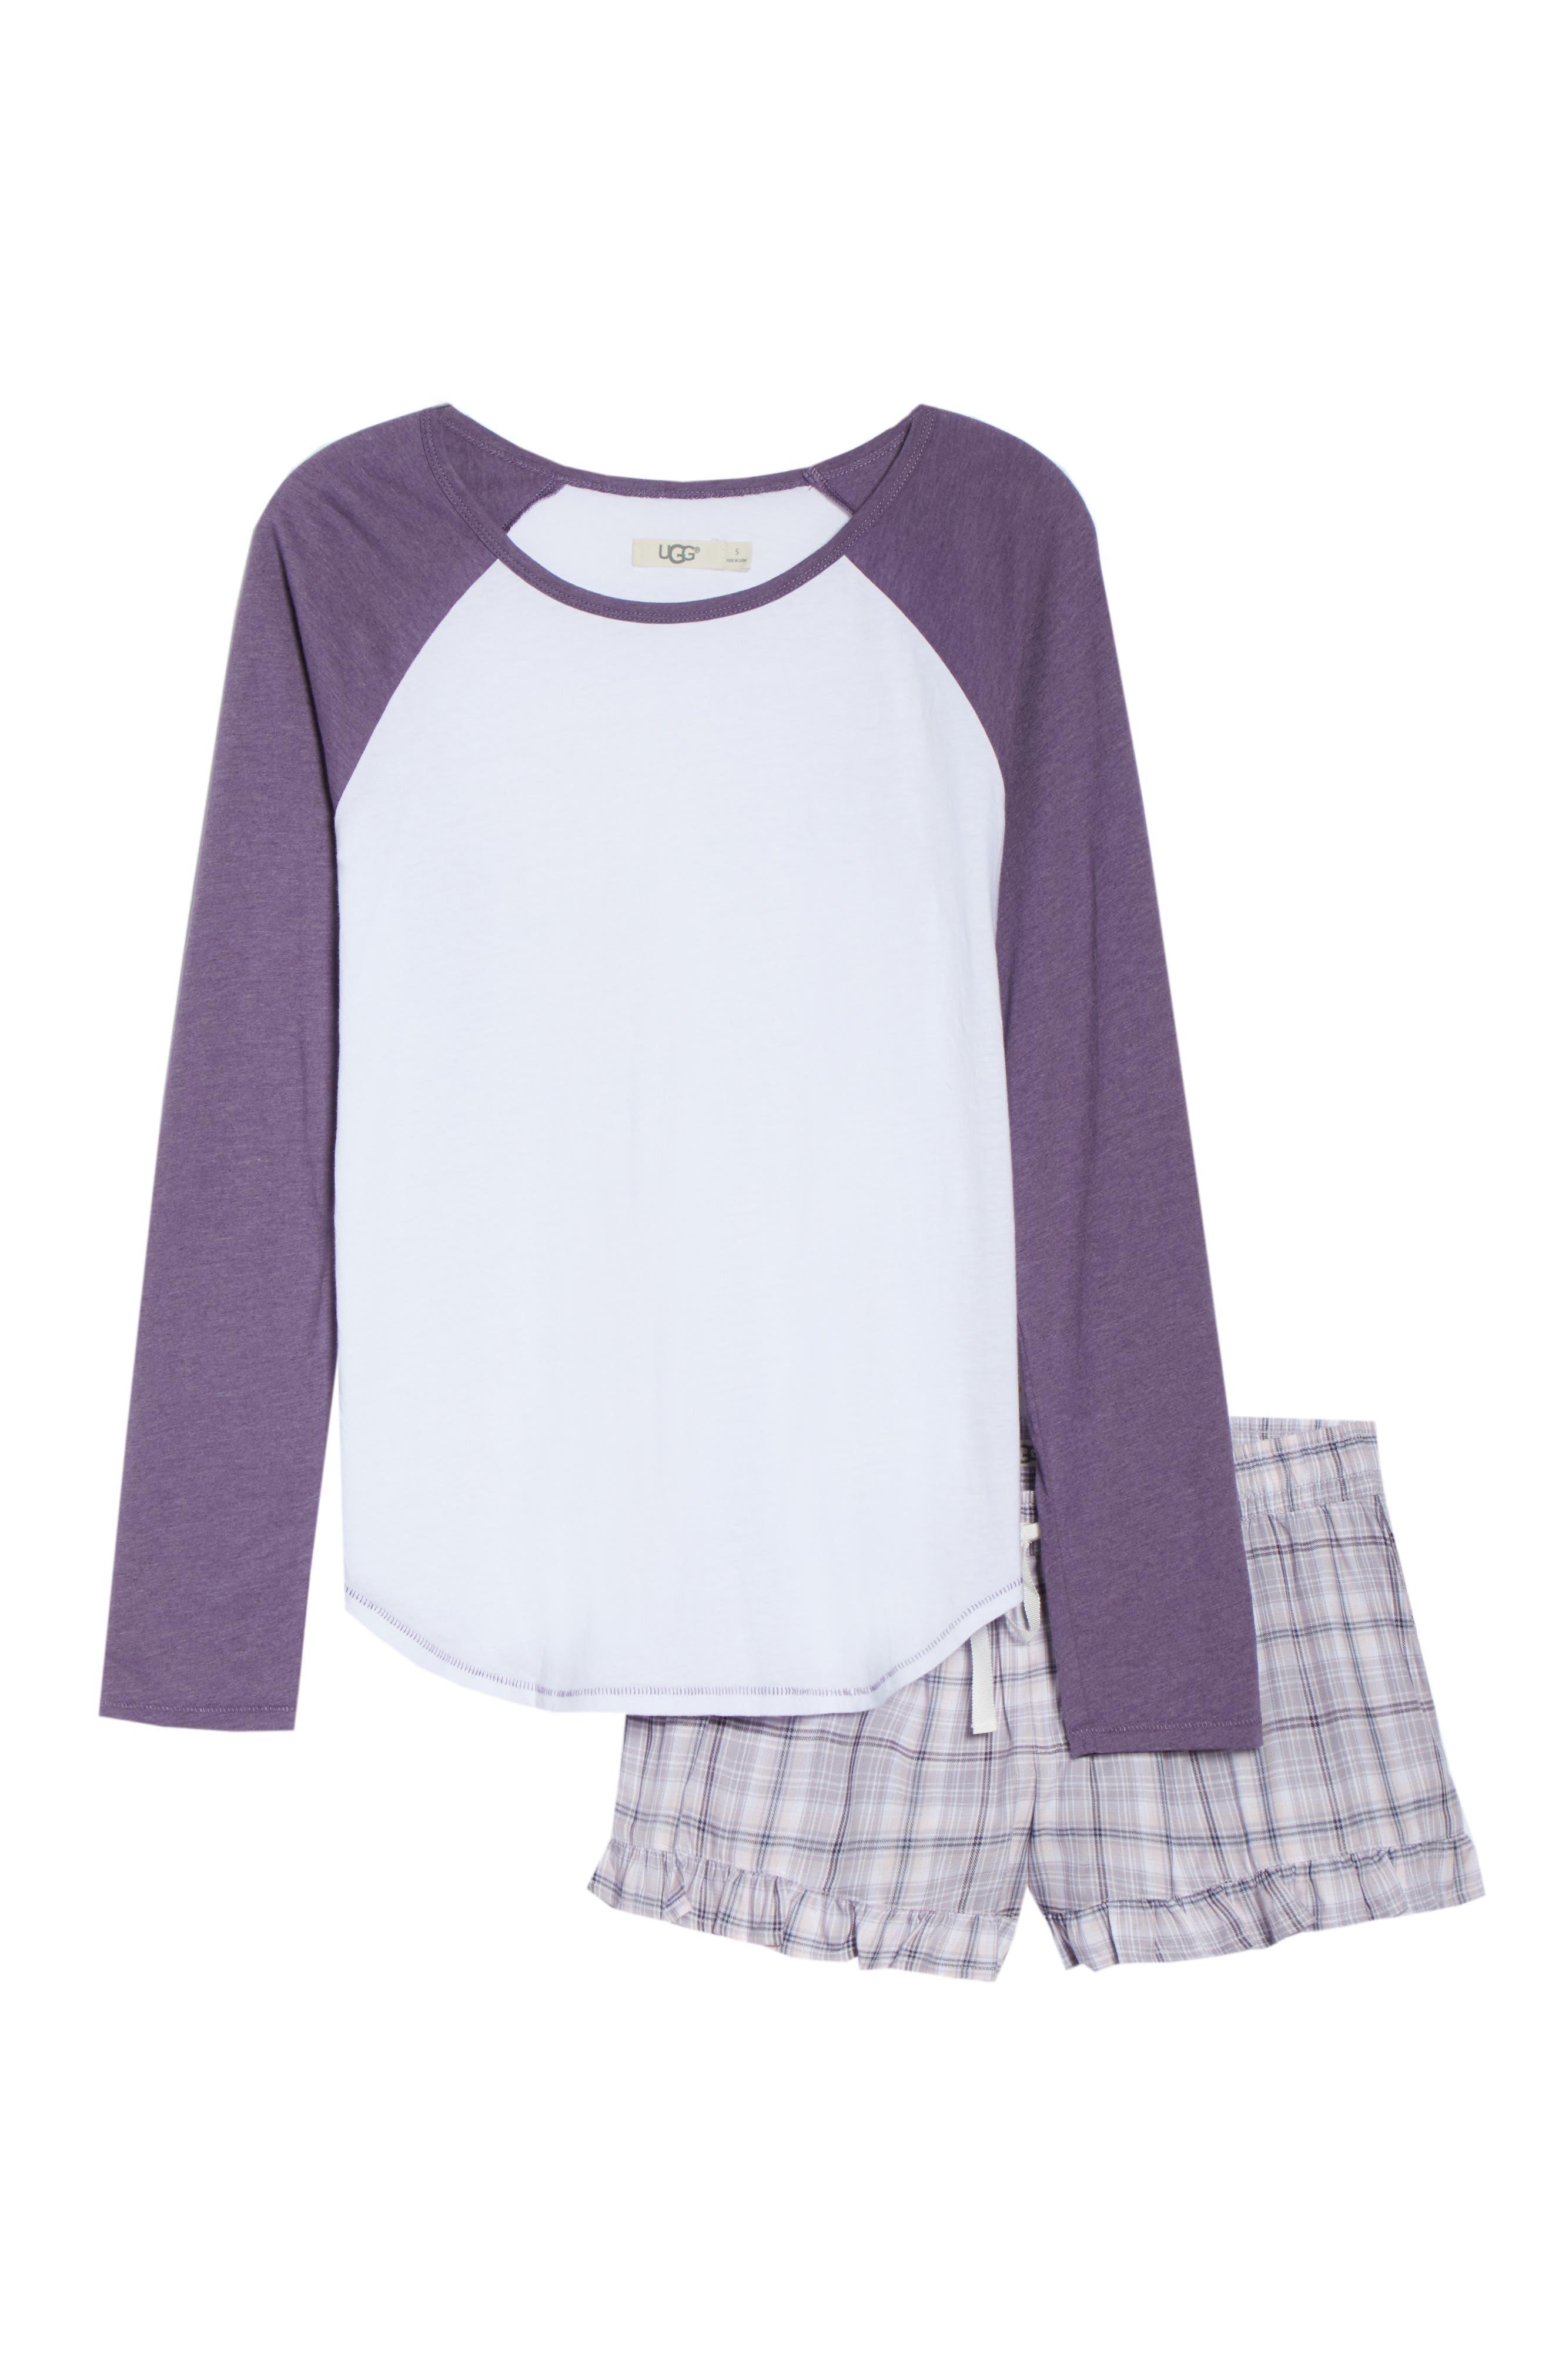 Charly Short Pajamas,                             Alternate thumbnail 6, color,                             536